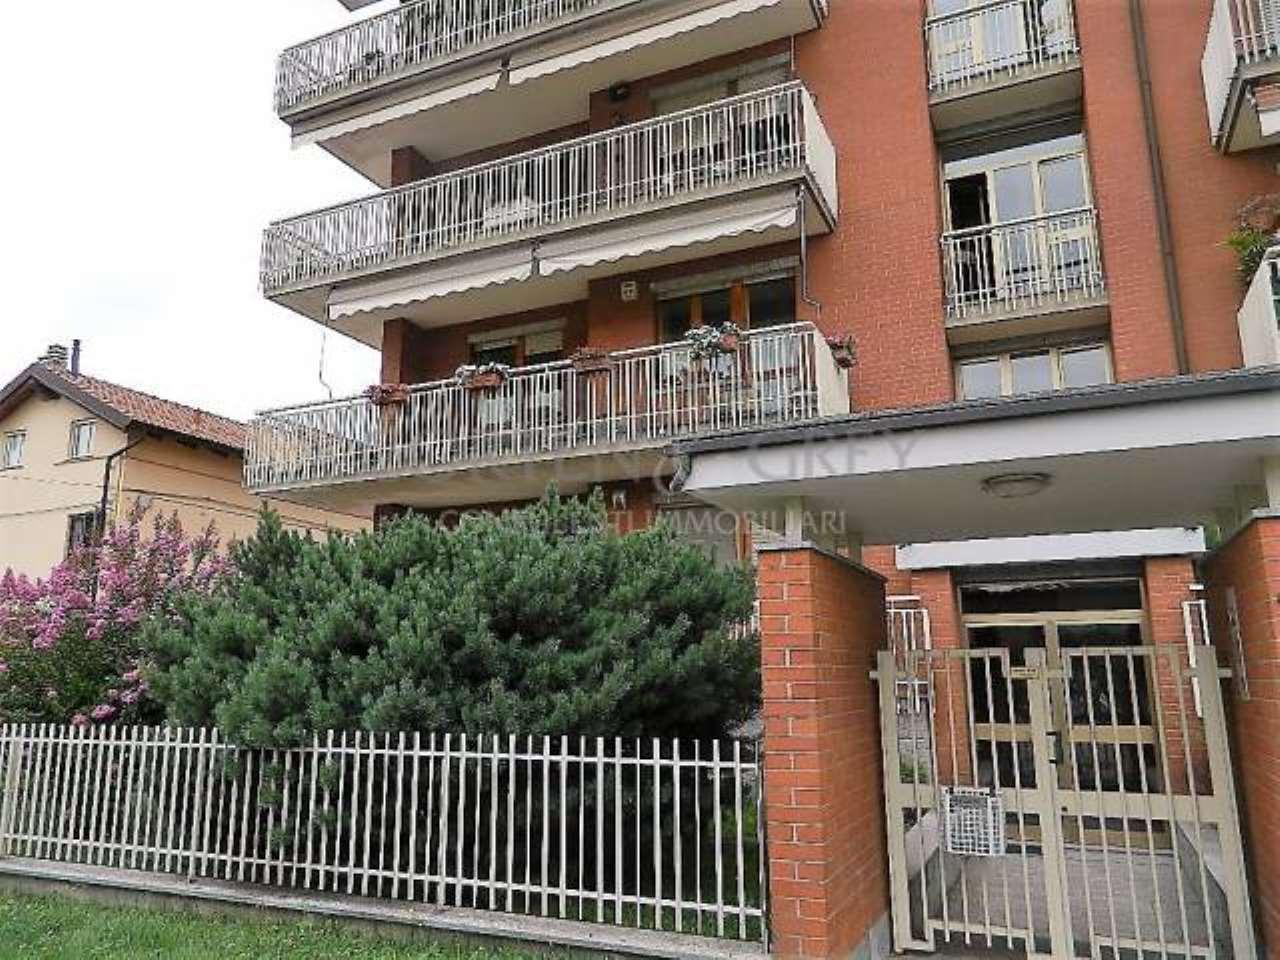 Appartamento in vendita a San Mauro Torinese, 4 locali, prezzo € 198.000 | CambioCasa.it